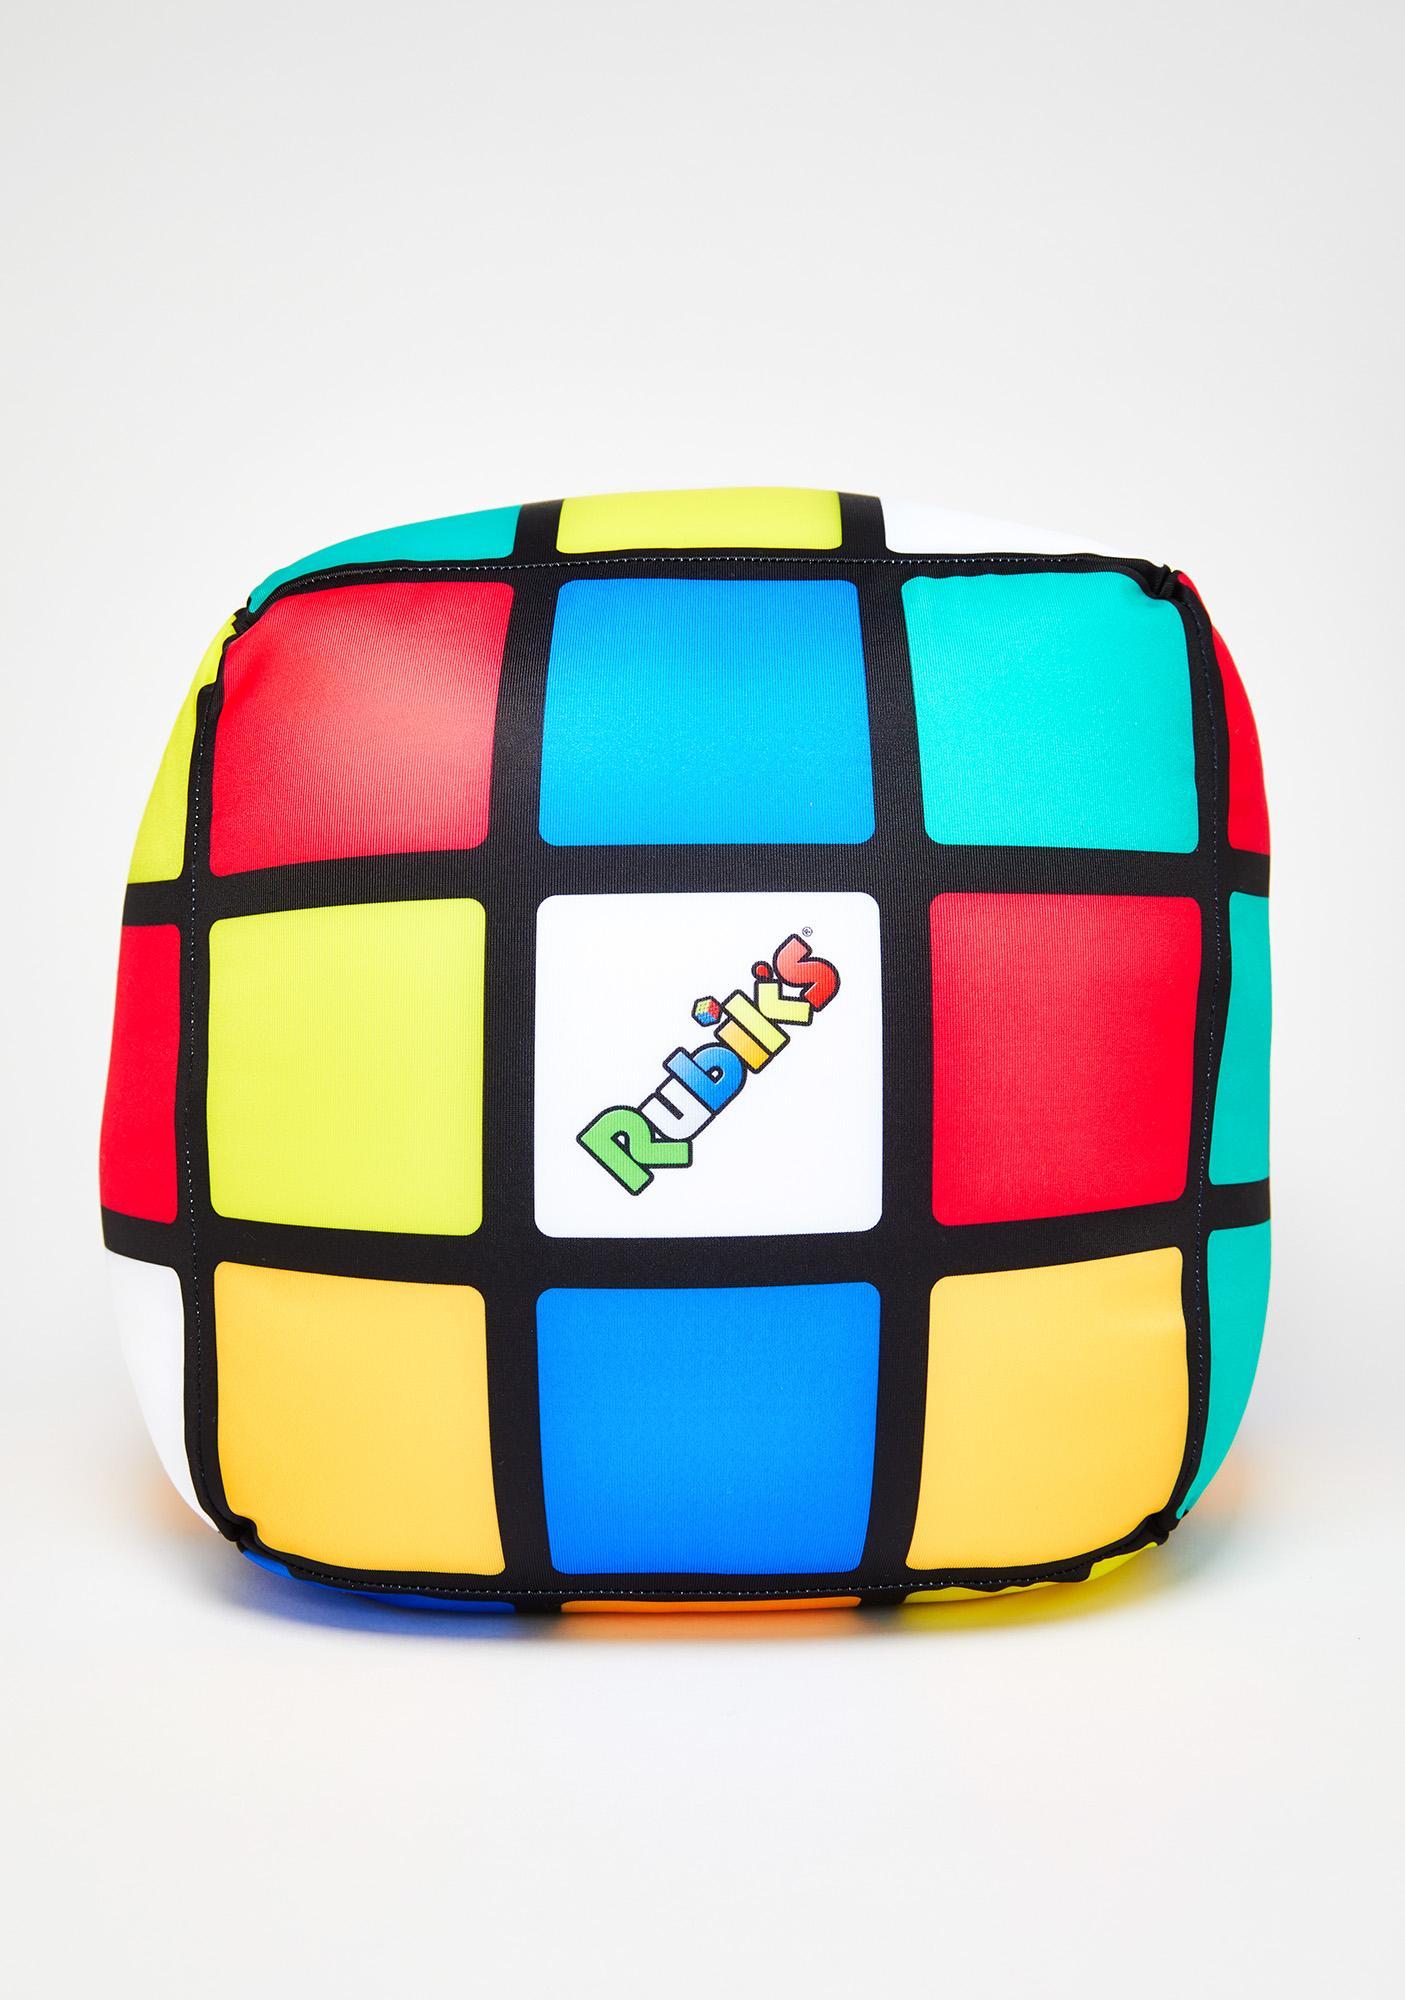 Rubik's Revolution Cube Pillow